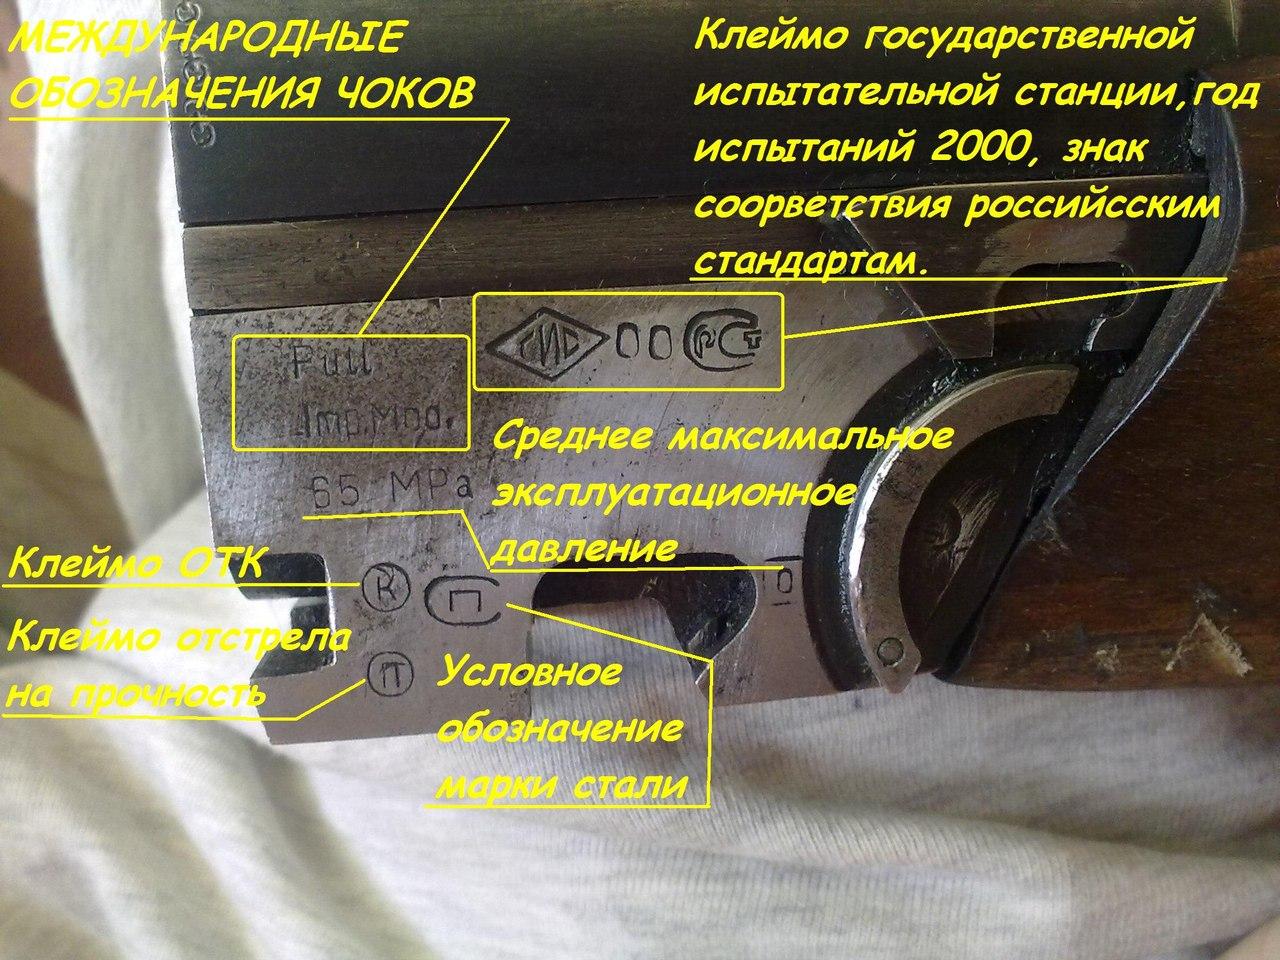 Гладкоствольное охотничье ружье ТОЗ-34